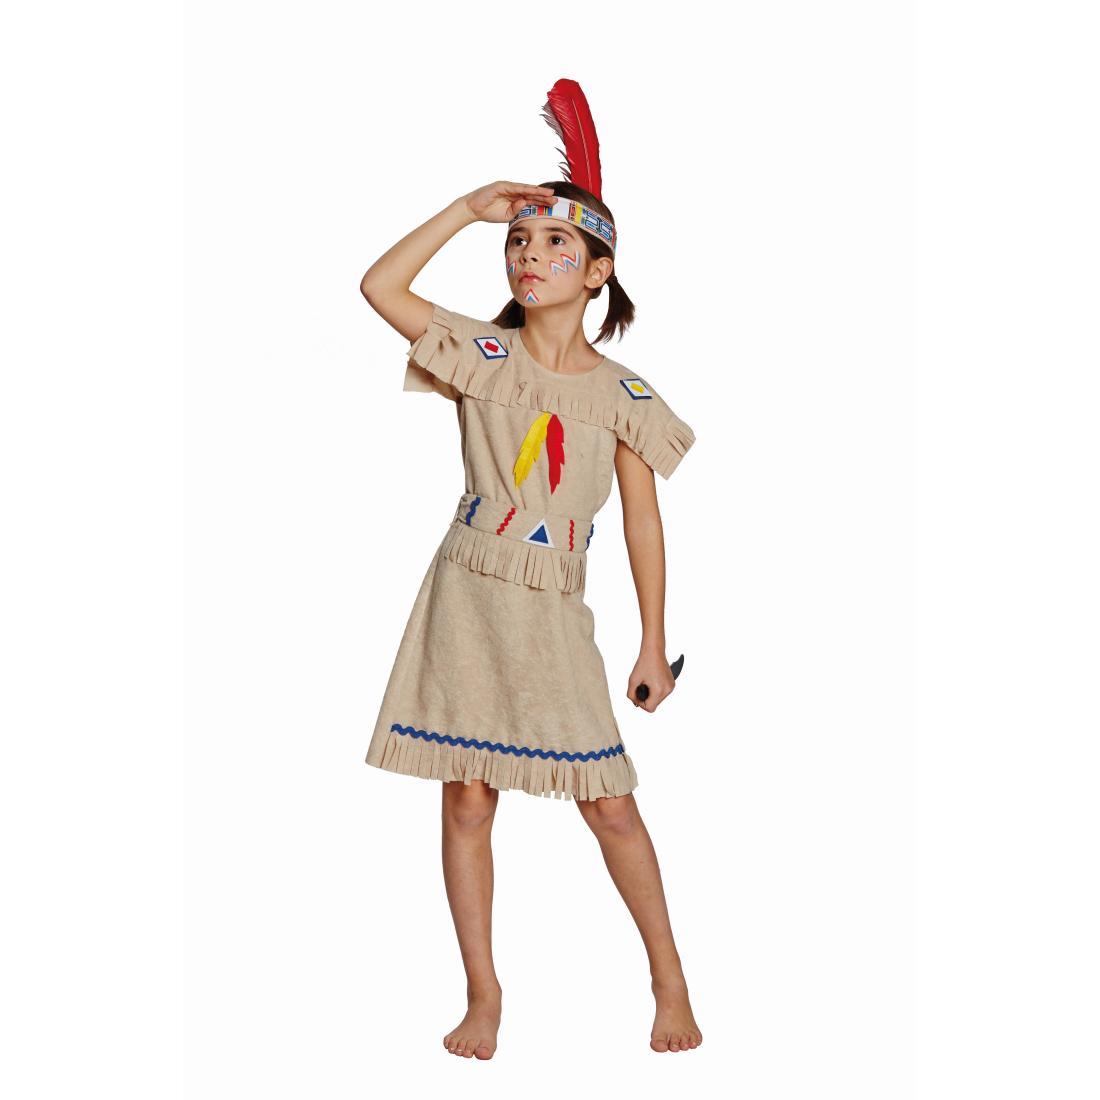 kinder indianerin kost m indianerkleid pocahontas kleid. Black Bedroom Furniture Sets. Home Design Ideas